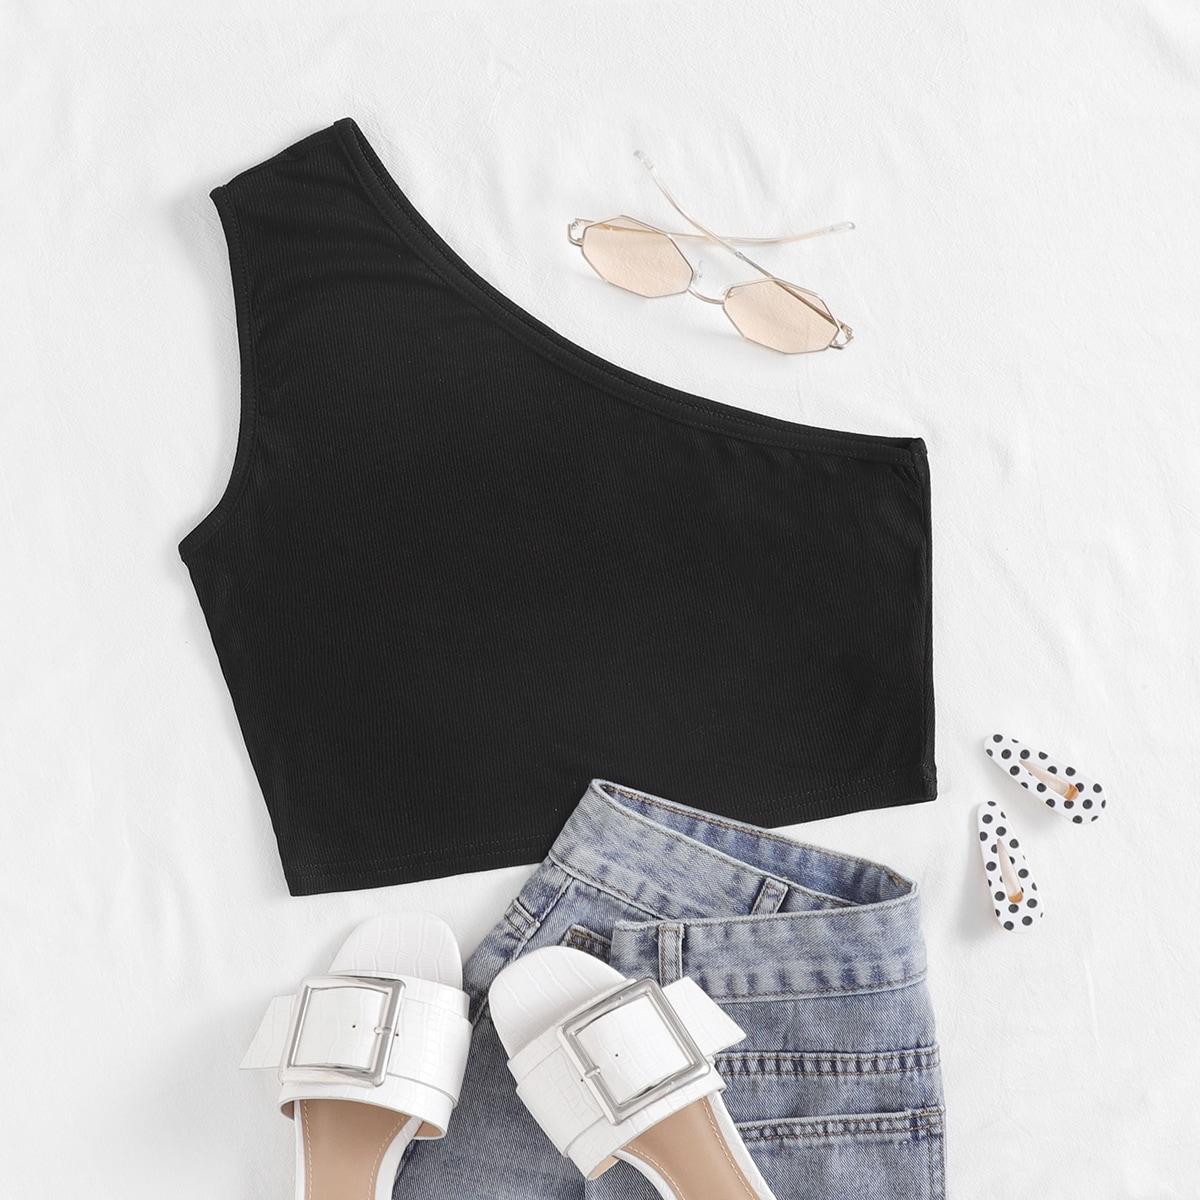 Чёрный Шнуровка Одноцветный Повседневный Женские топы размер плюс фото